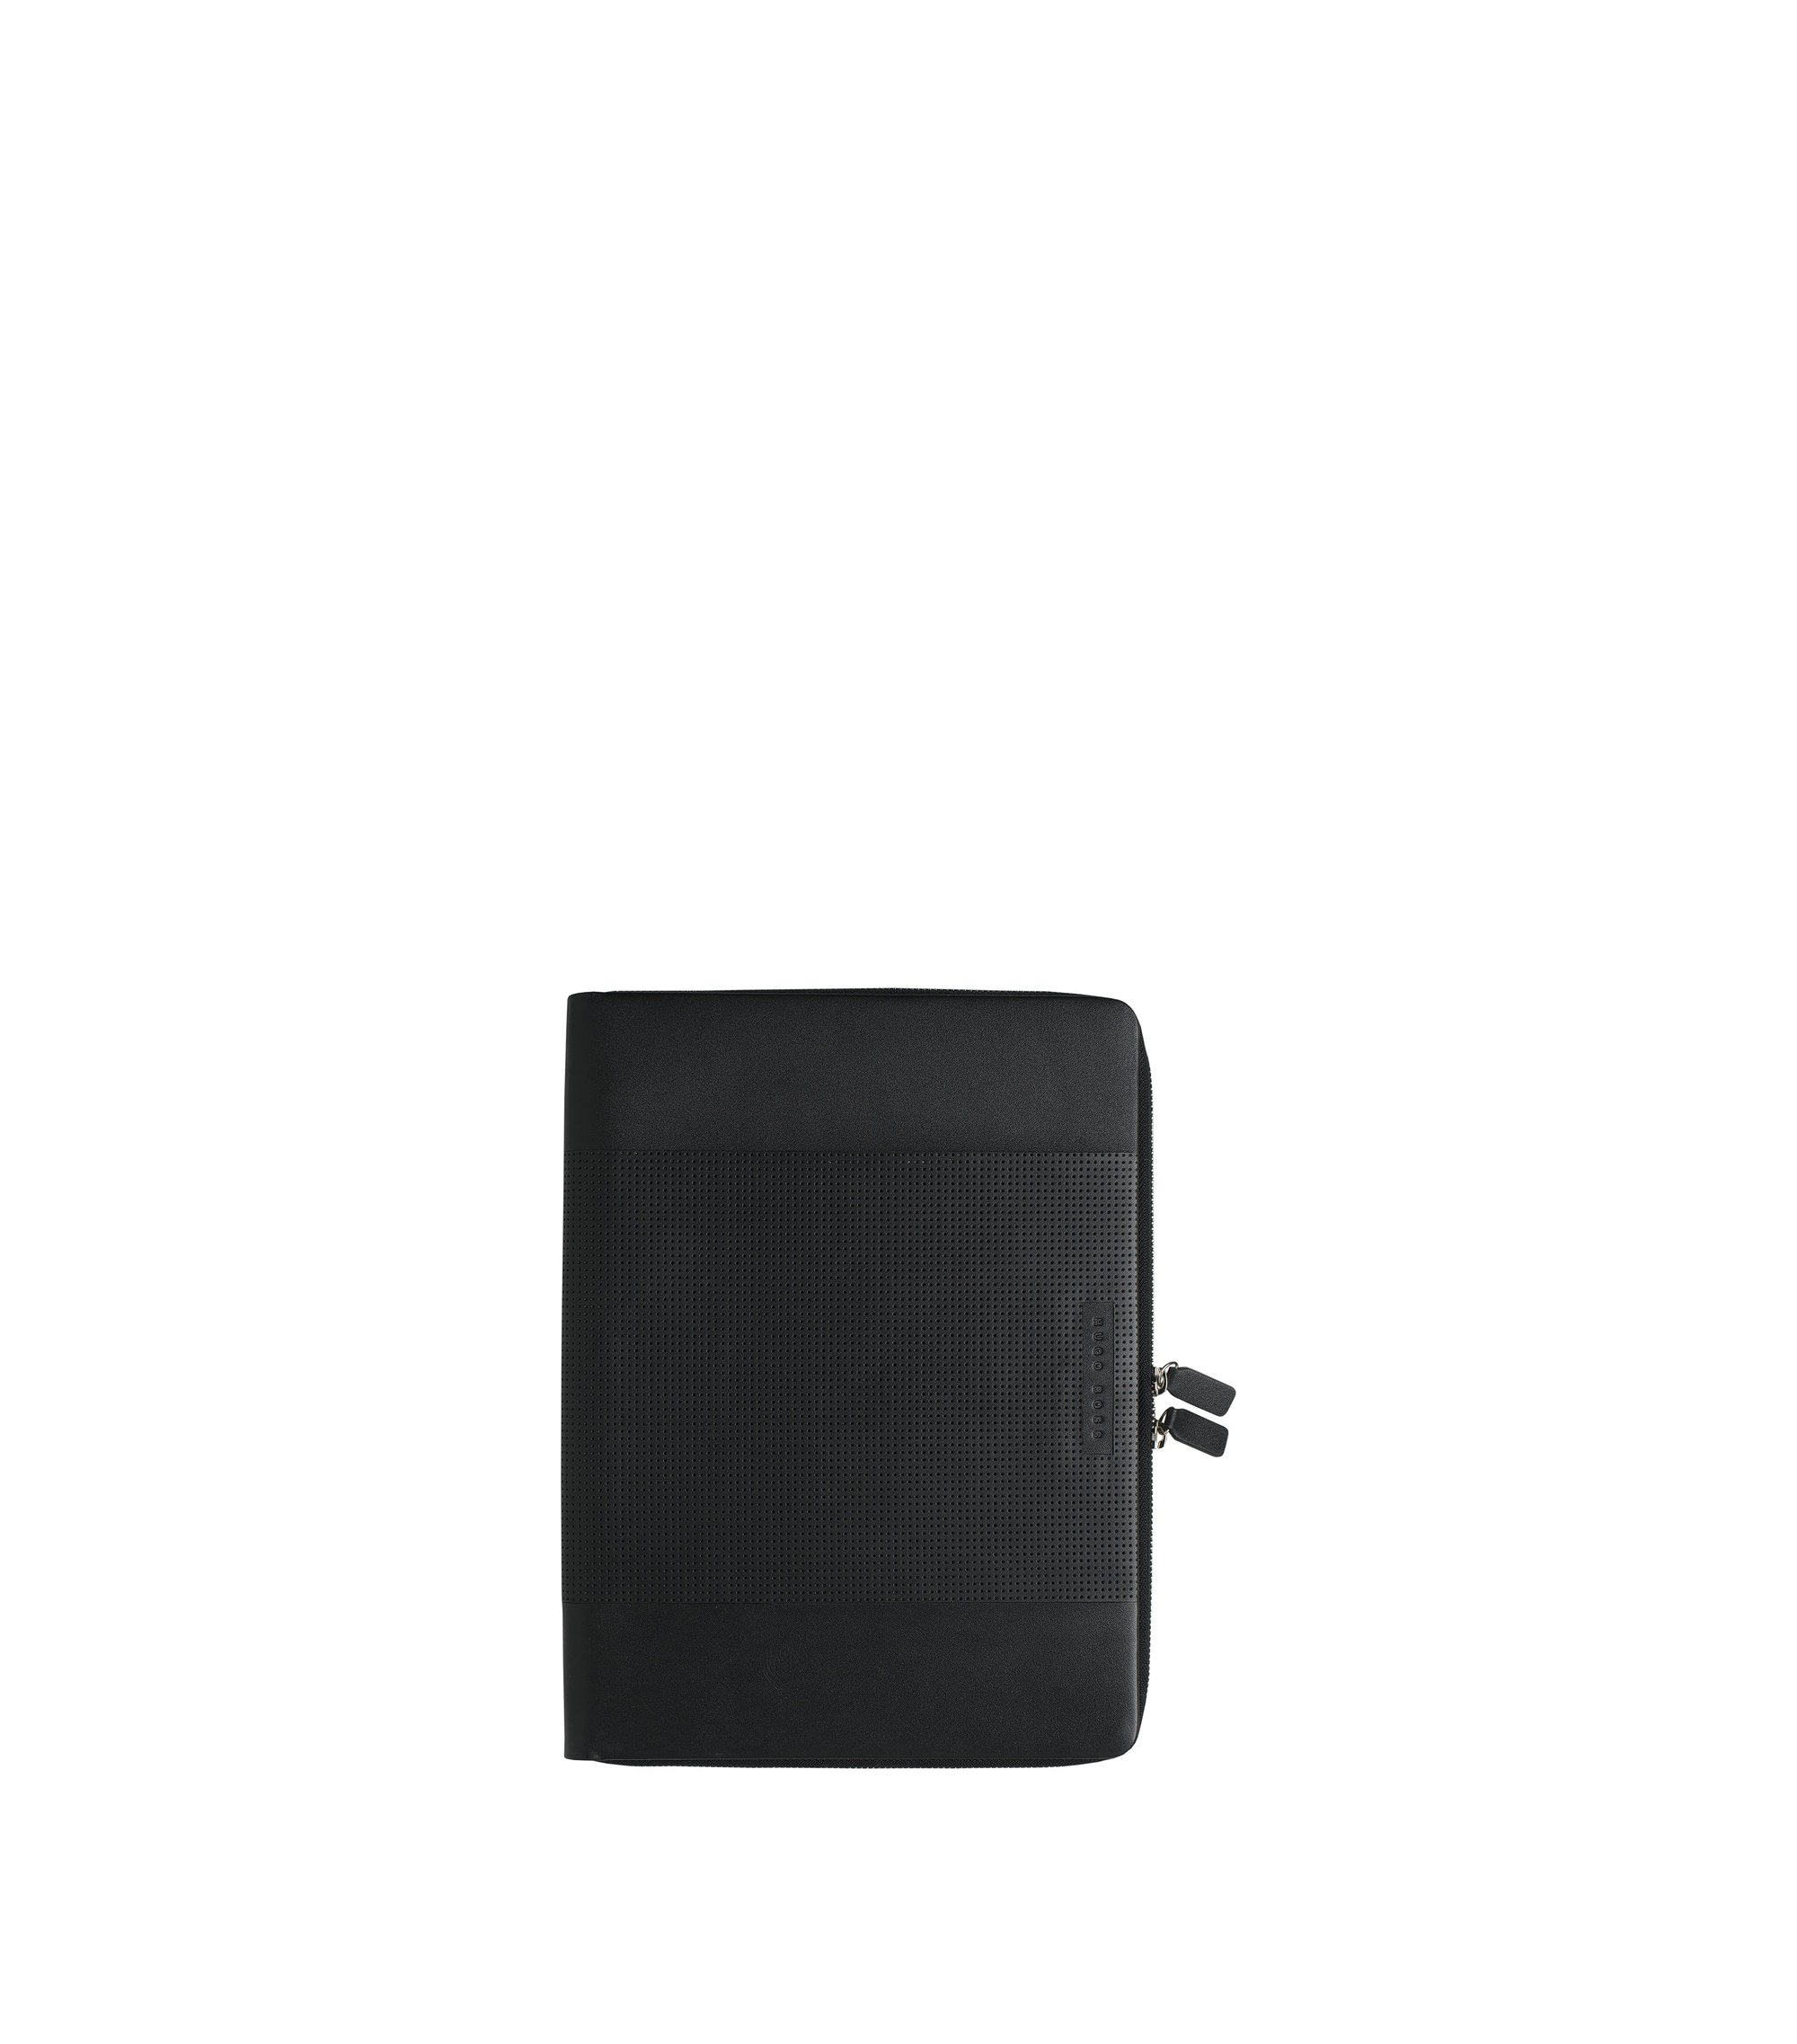 DIN-A4-Mappe aus strukturiertem Leder mit Reißverschluss, Schwarz